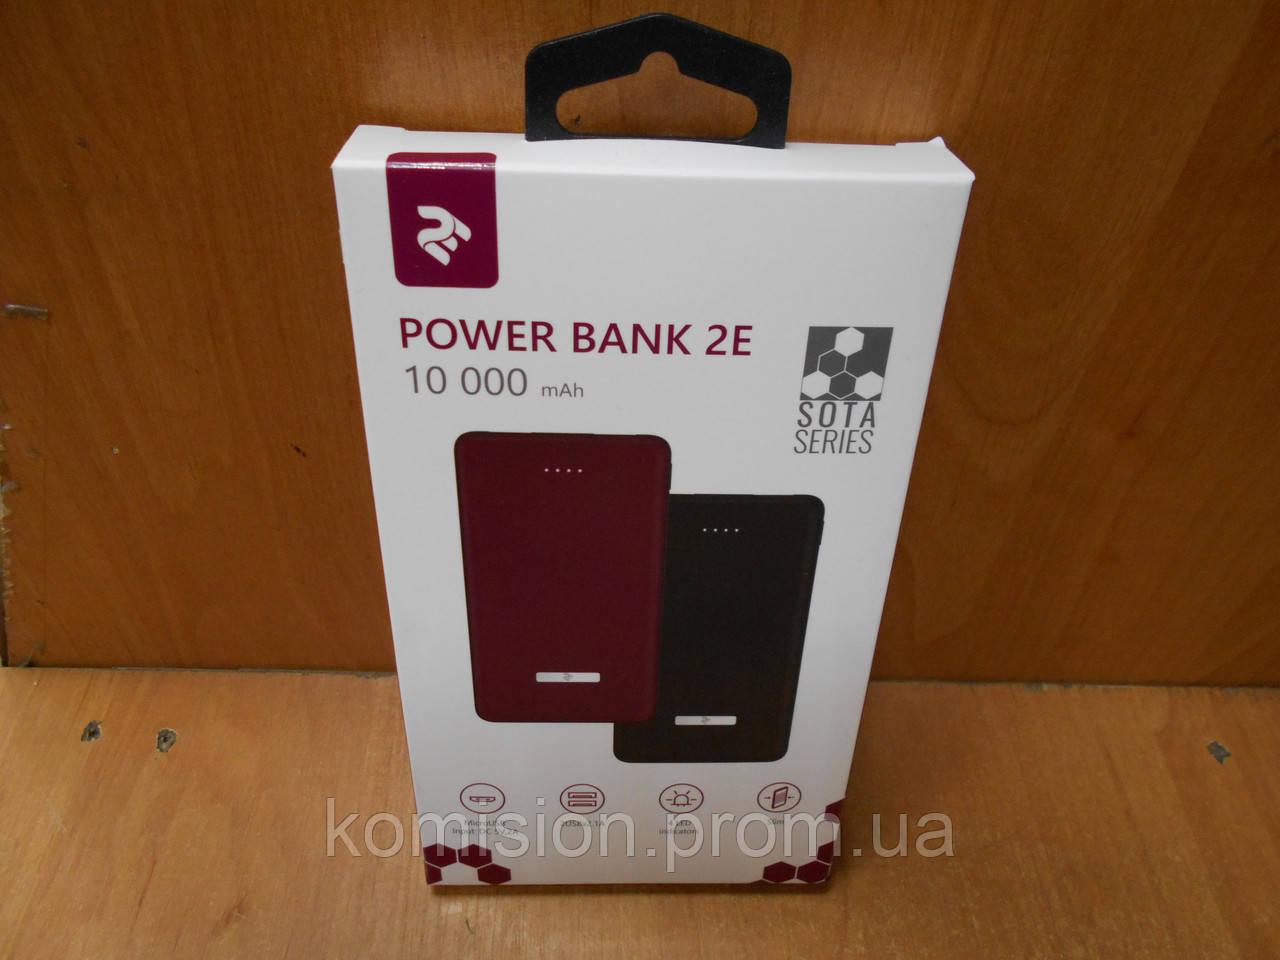 Батарея Powerbank 2E 10000 mAh